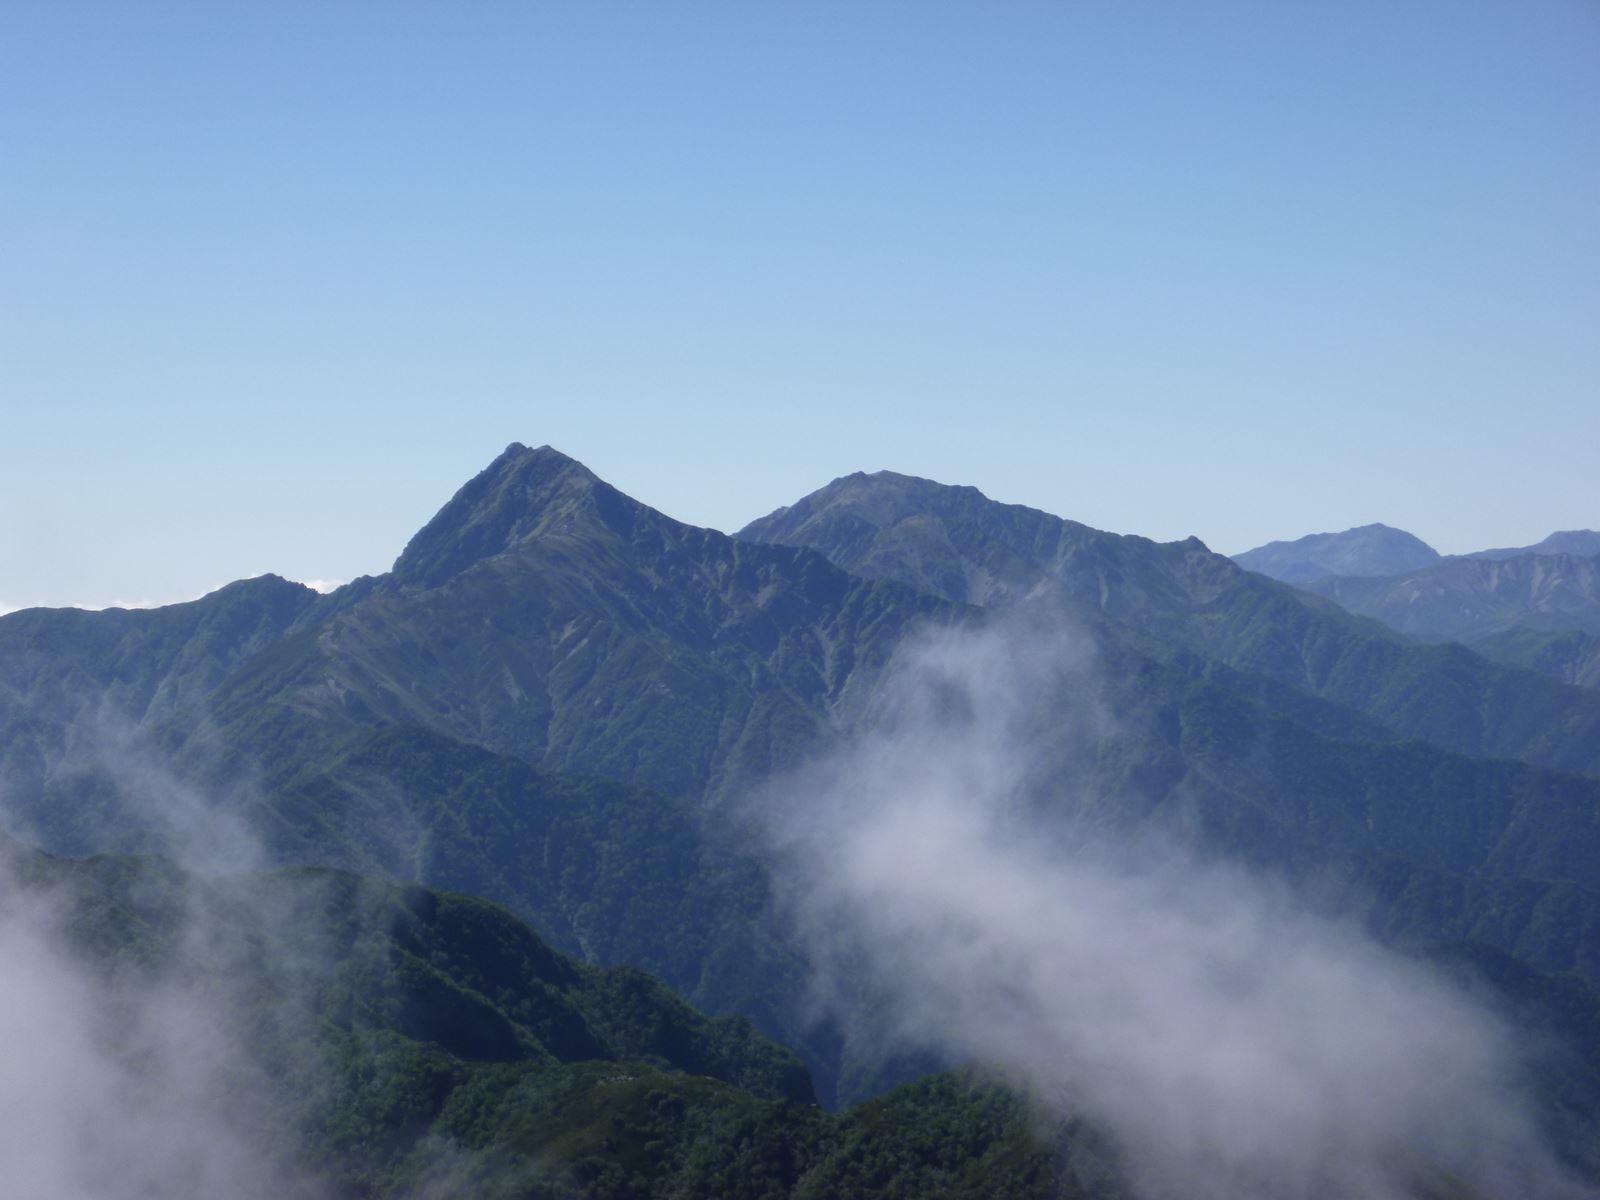 社長の登山日記 甲斐駒ケ岳 頂上から見た北岳